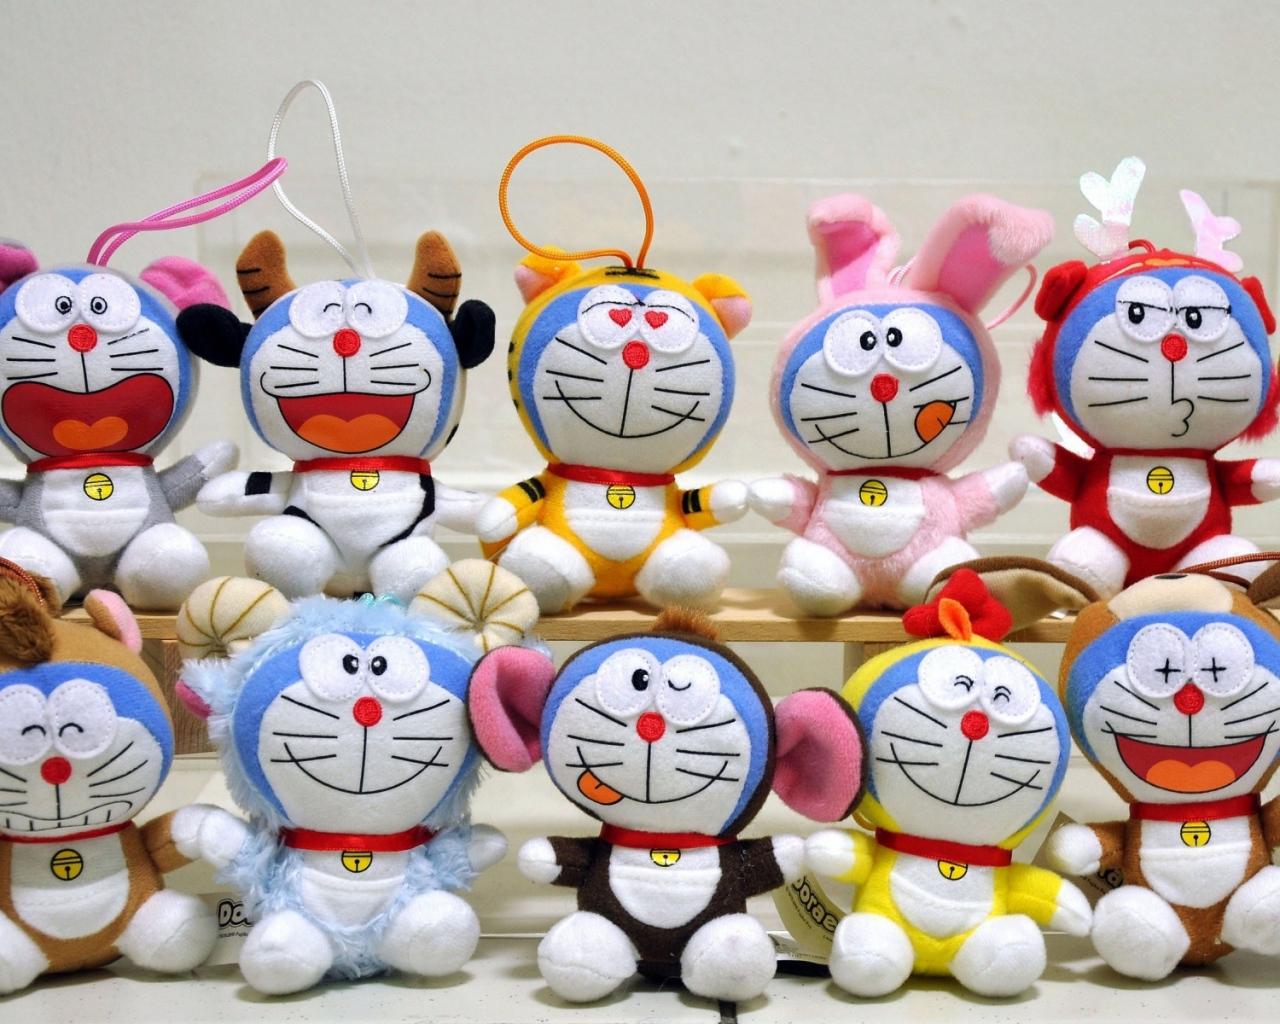 toys_cats_rabbits_73677_1280x1024